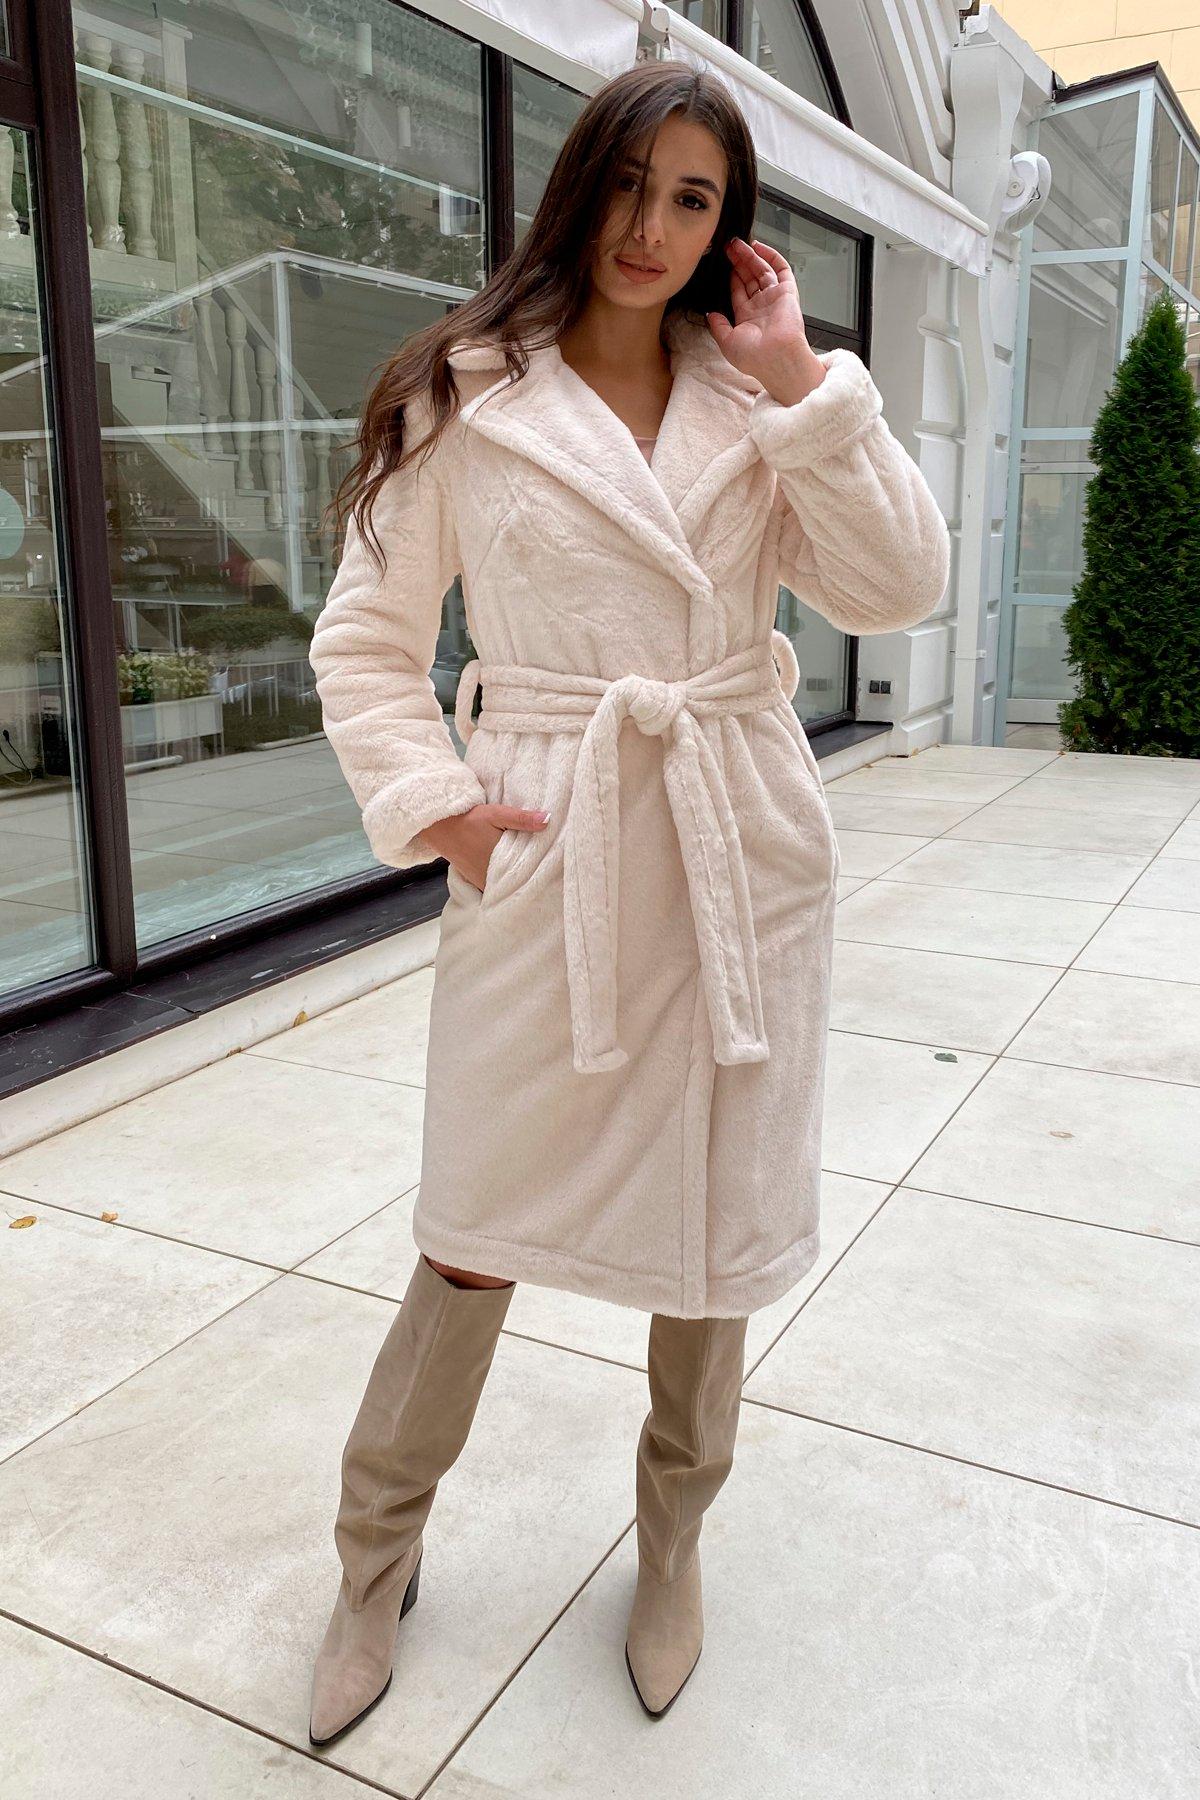 Зимнее пальто из искусственного меха норки Саманта 8641 АРТ. 44957 Цвет: Молоко - фото 10, интернет магазин tm-modus.ru